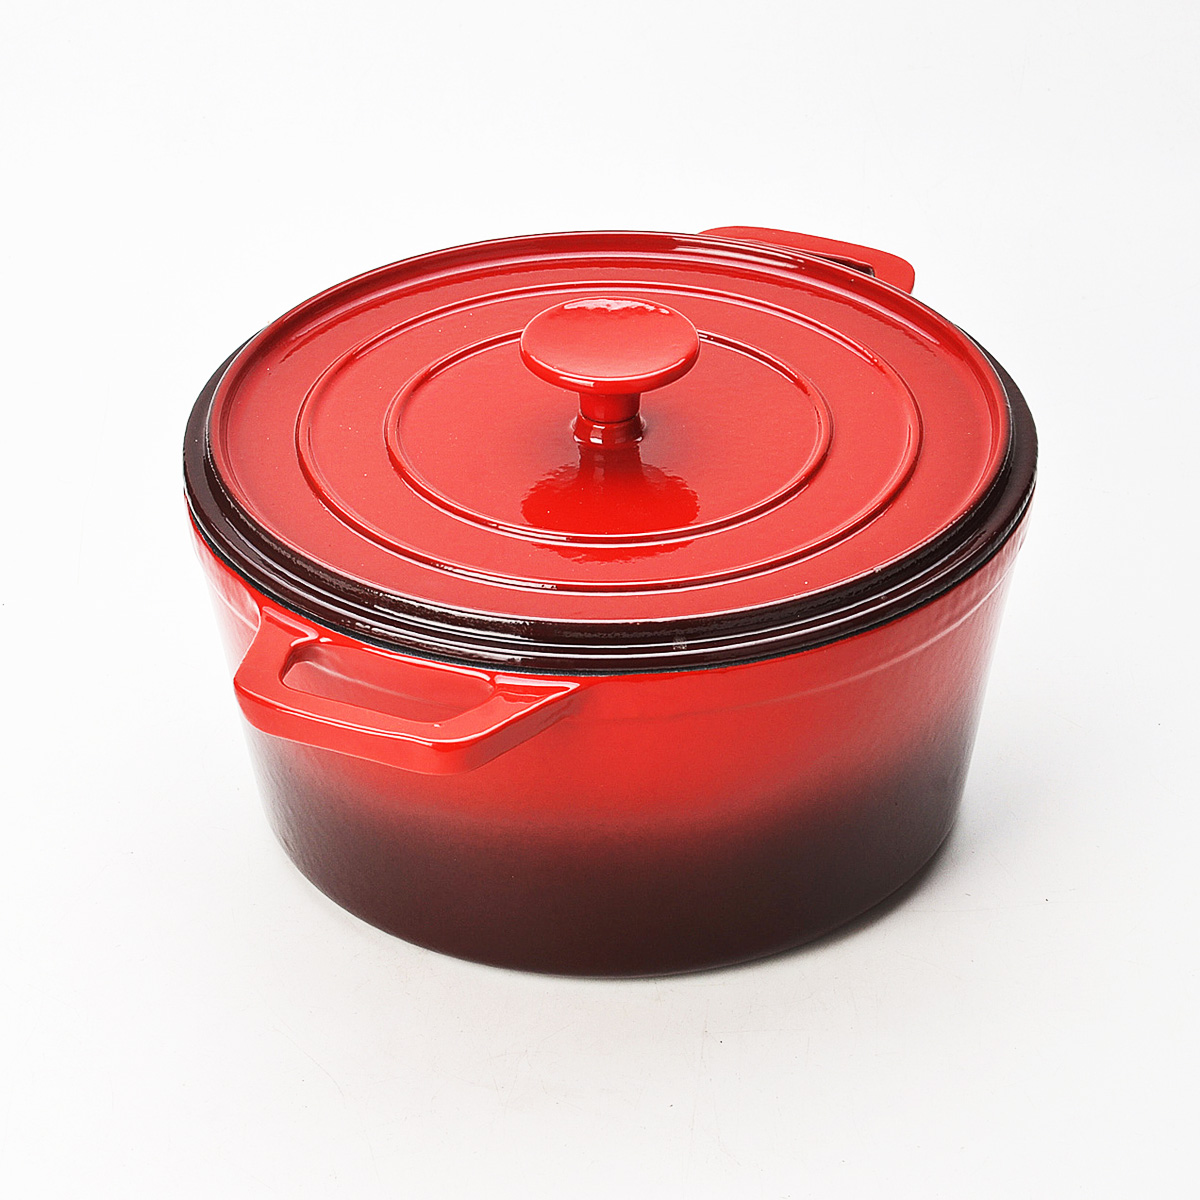 Кастрюля Mayer & Boch с крышкой, с эмалевым покрытием, цвет: красный, 3,6 л. 2204822048Кастрюля Mayer & Boch, изготовленная из чугуна, идеально подходит для приготовления вкусных тушеных блюд. Она имеет внешнее и внутреннее эмалевое покрытие. Чугун является традиционным высокопрочным, экологически чистым материалом. Причем, чем дольше и чаще вы пользуетесь этой посудой, тем лучше становятся ее свойства. Высокая теплоемкость чугуна позволяет ему сильно нагреваться и медленно остывать, а это в свою очередь обеспечивает равномерное приготовление пищи. Чугун не вступает в какие-либо химические реакции с пищей в процессе приготовления и хранения, а плотное покрытие - безупречное препятствие для бактерий и запахов. Пища, приготовленная в чугунной посуде, благодаря экологической чистоте материала не может нанести вред здоровью человека. Кастрюля оснащена двумя удобными ручками. К кастрюле прилагается чугунная крышка, которая плотно прилегает к краям кастрюли, сохраняя аромат блюд. Кастрюлю Mayer & Boch можно использовать на всех типах плит, включая индукционные. Также изделие можно мыть в посудомоечной машине. Размер кастрюли (с учетом ручек): 32 см х 24 см.Высота кастрюли (без учета крышки): 10,5 см.Толщина стенки: 4 мм. Толщина дна: 5 мм. Диаметр индукционного диска: 18 см.